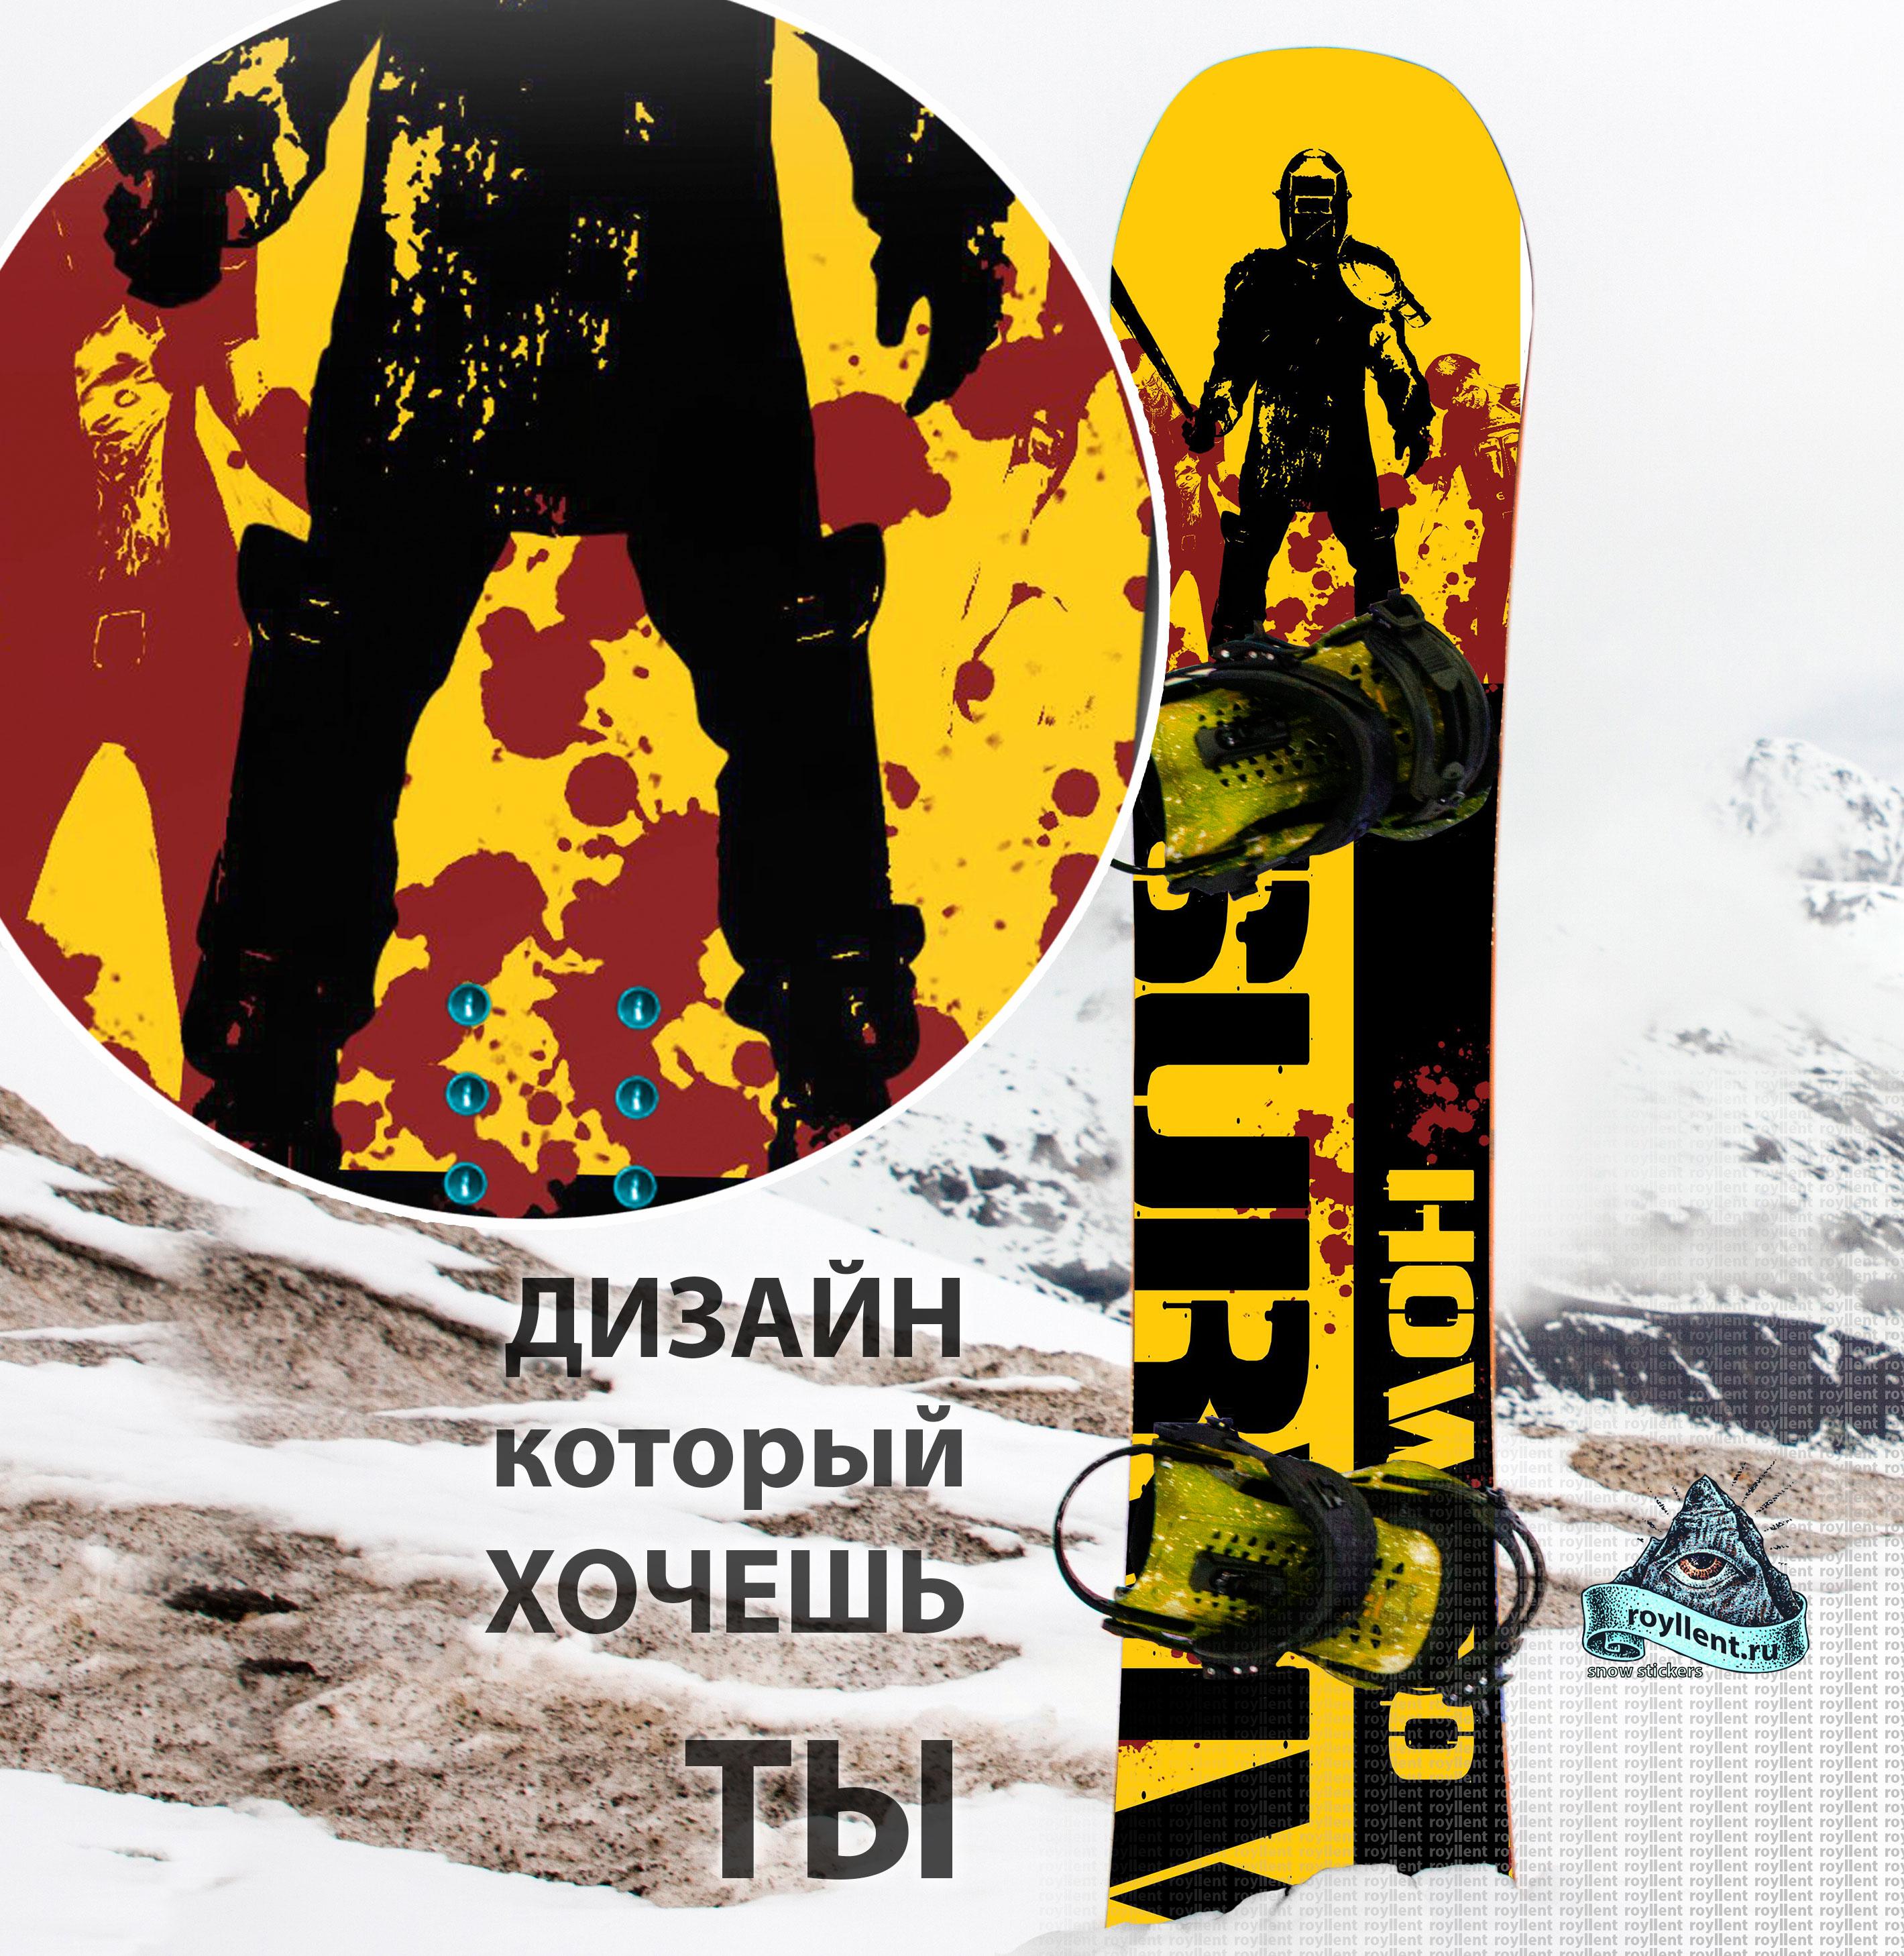 how to survive snowboard sticker